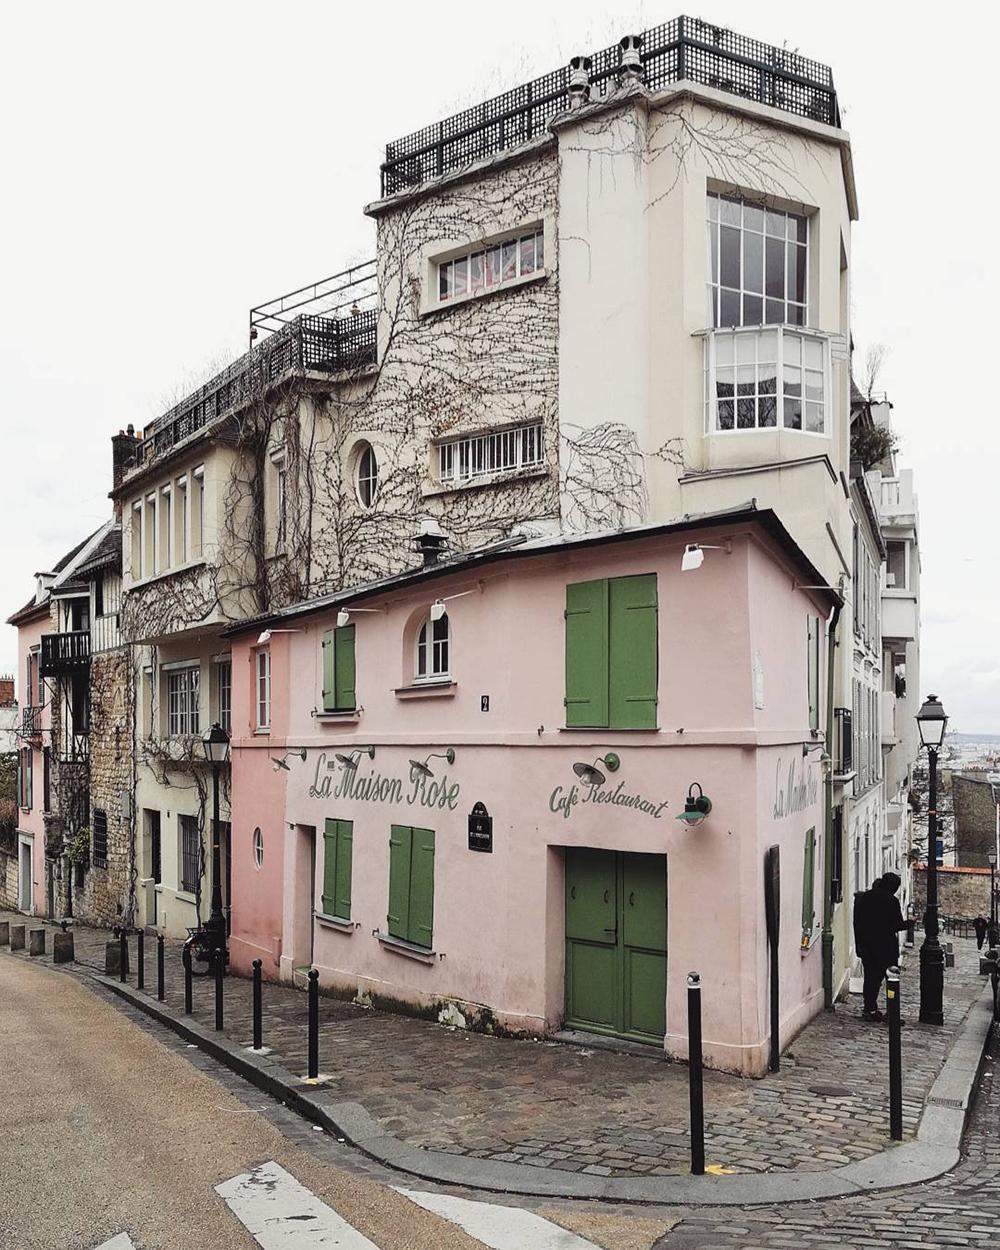 cosa fotografare a parigi: la maison rose